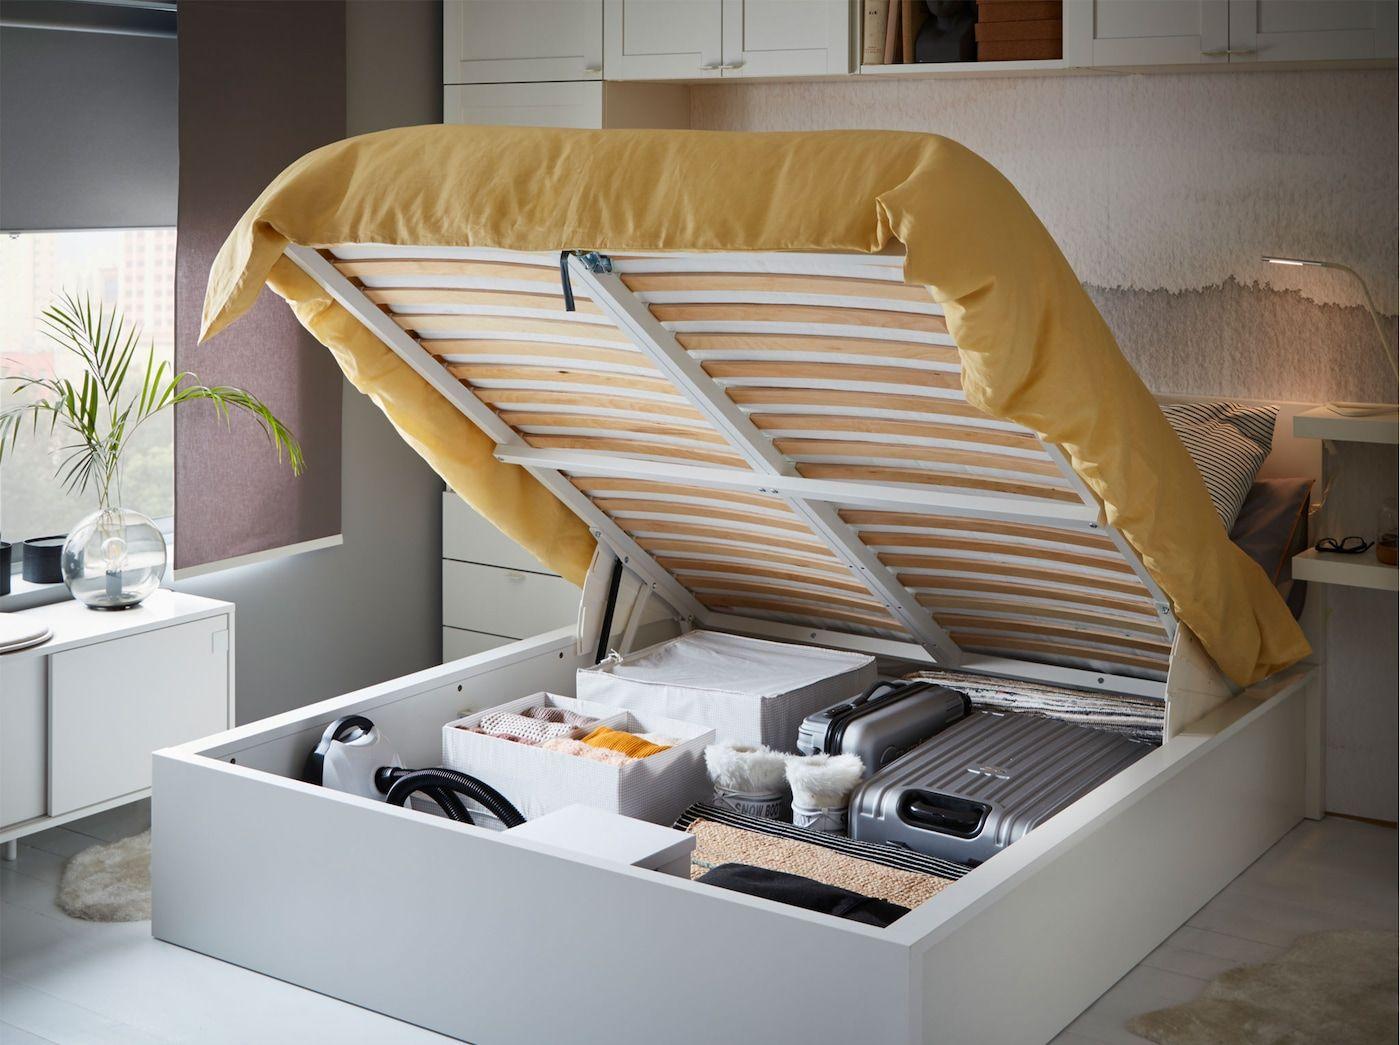 Create Your Own Bedroom Storage En 2020 Lit Pouf Lit Coffre Rangements Pour Chambre